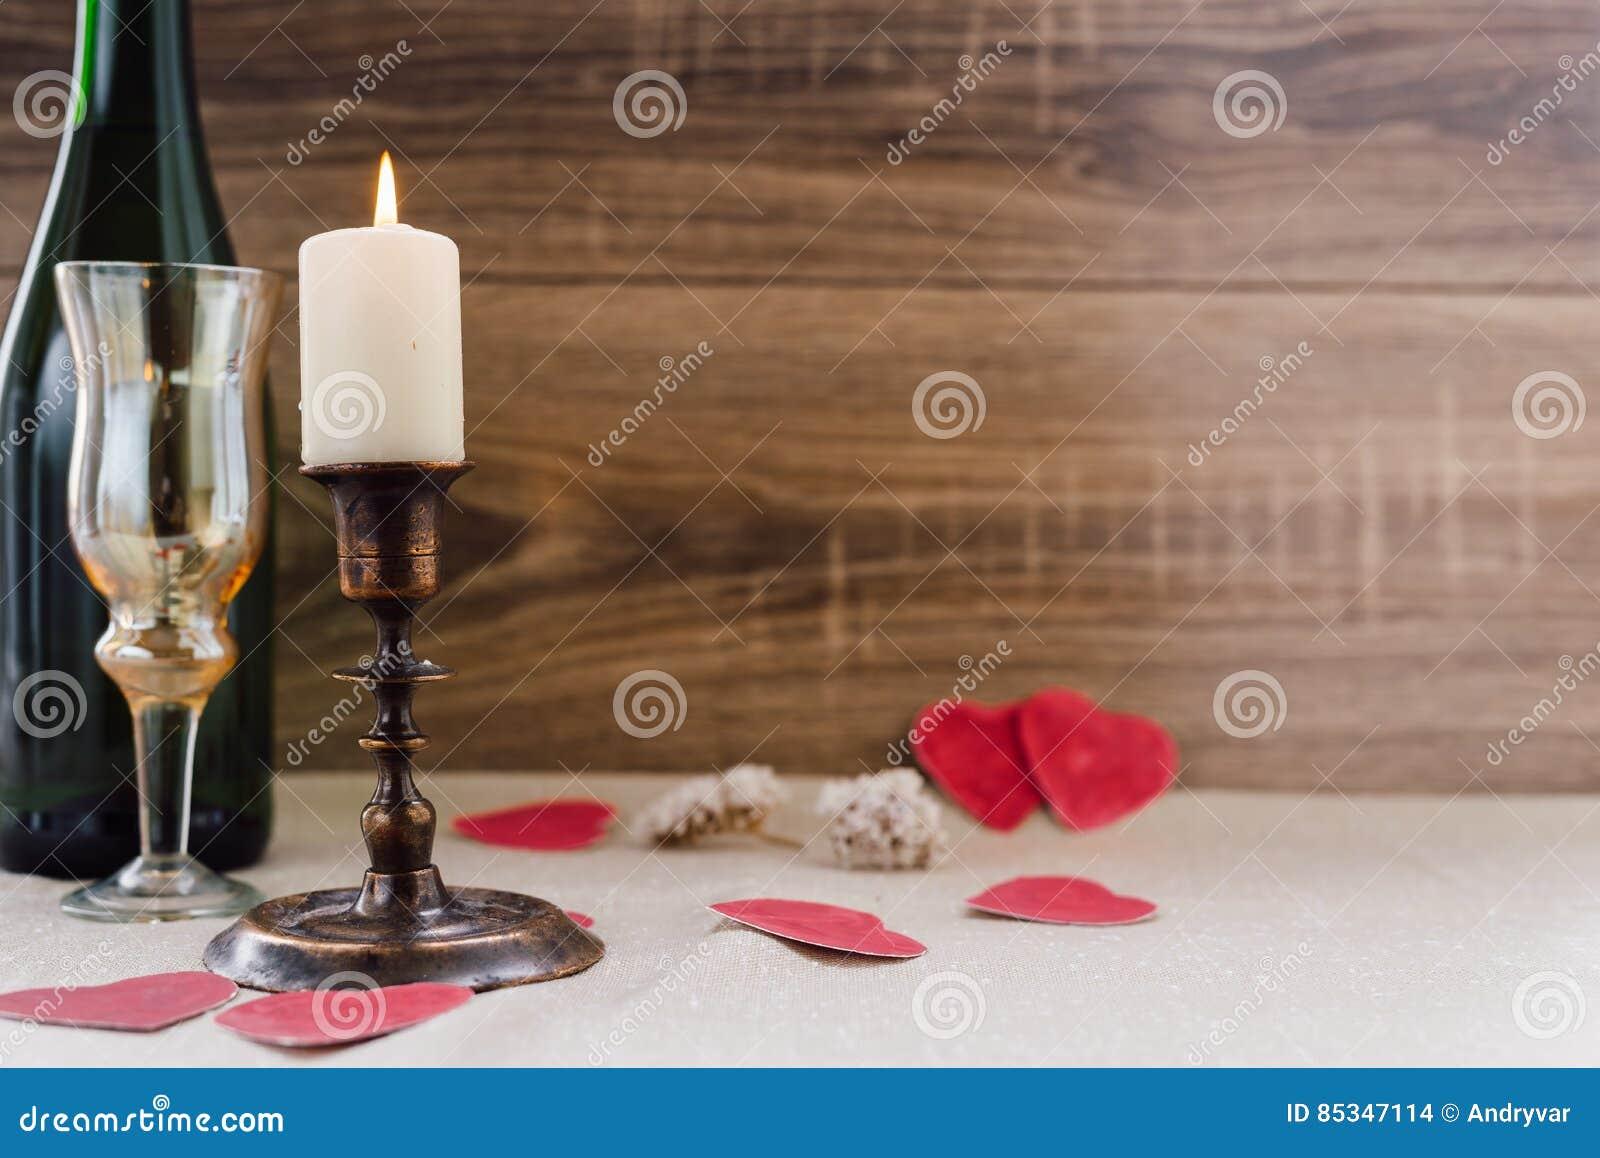 βαλεντίνος ημέρας s κρασί, κεριά, μικρή καρδιά